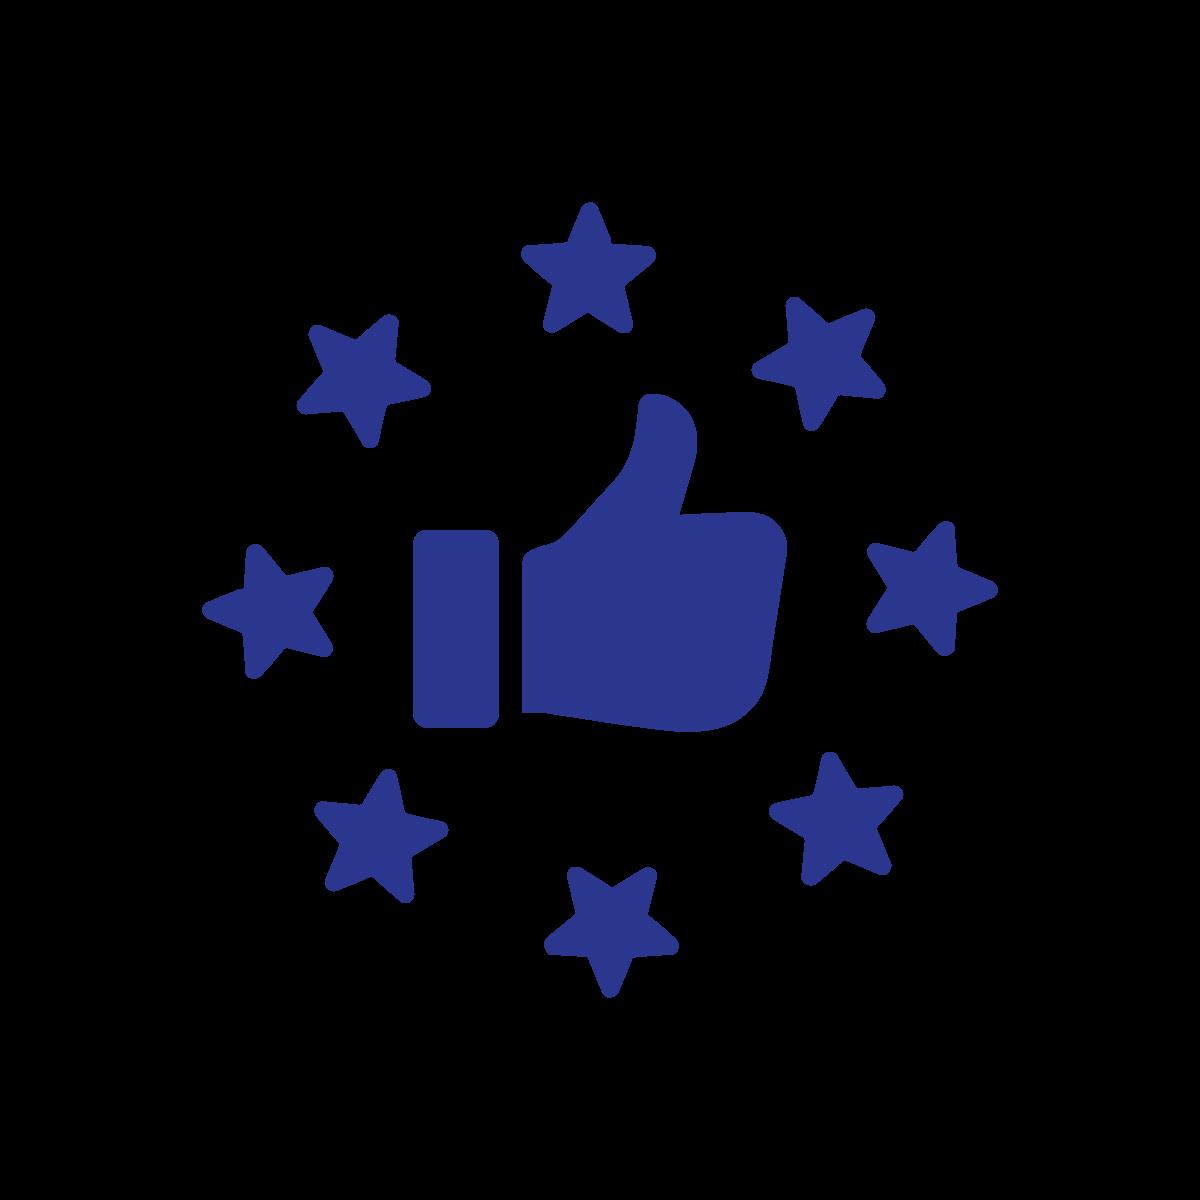 noun_feedback_1453124-BLUE.png